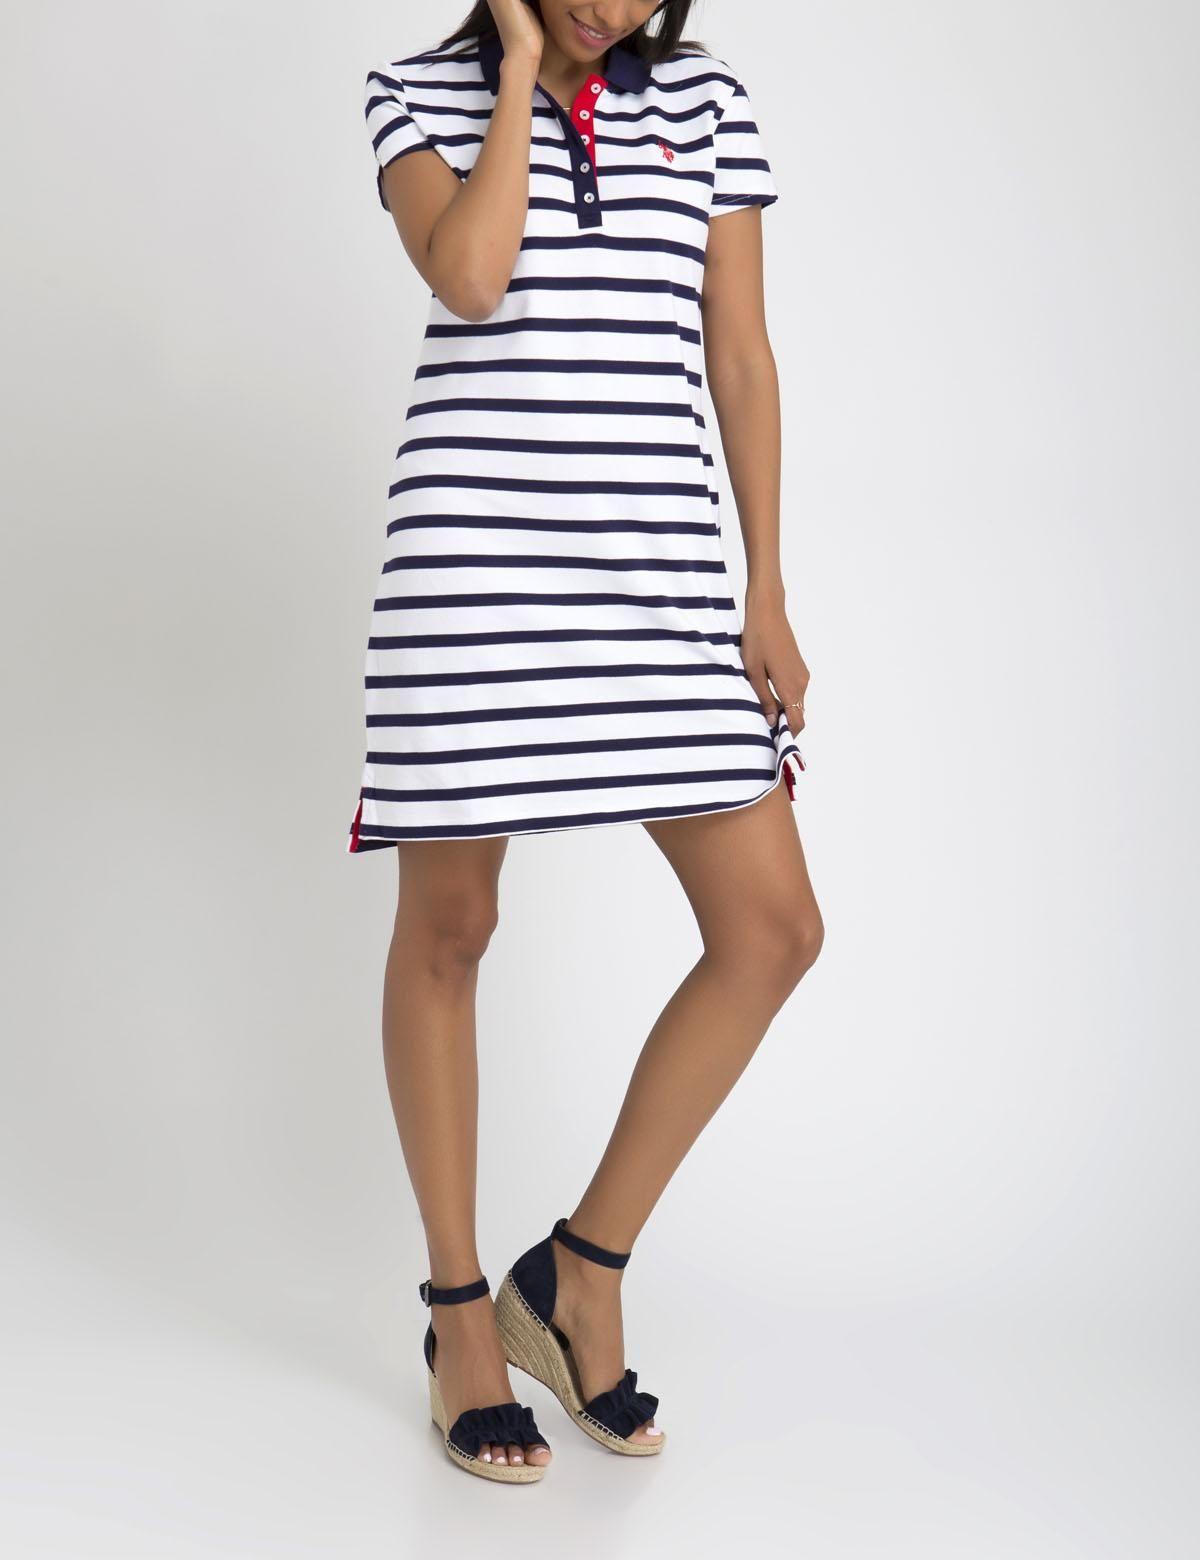 DRESSES - Short dresses U.S.Polo Association FzTTU0YjG